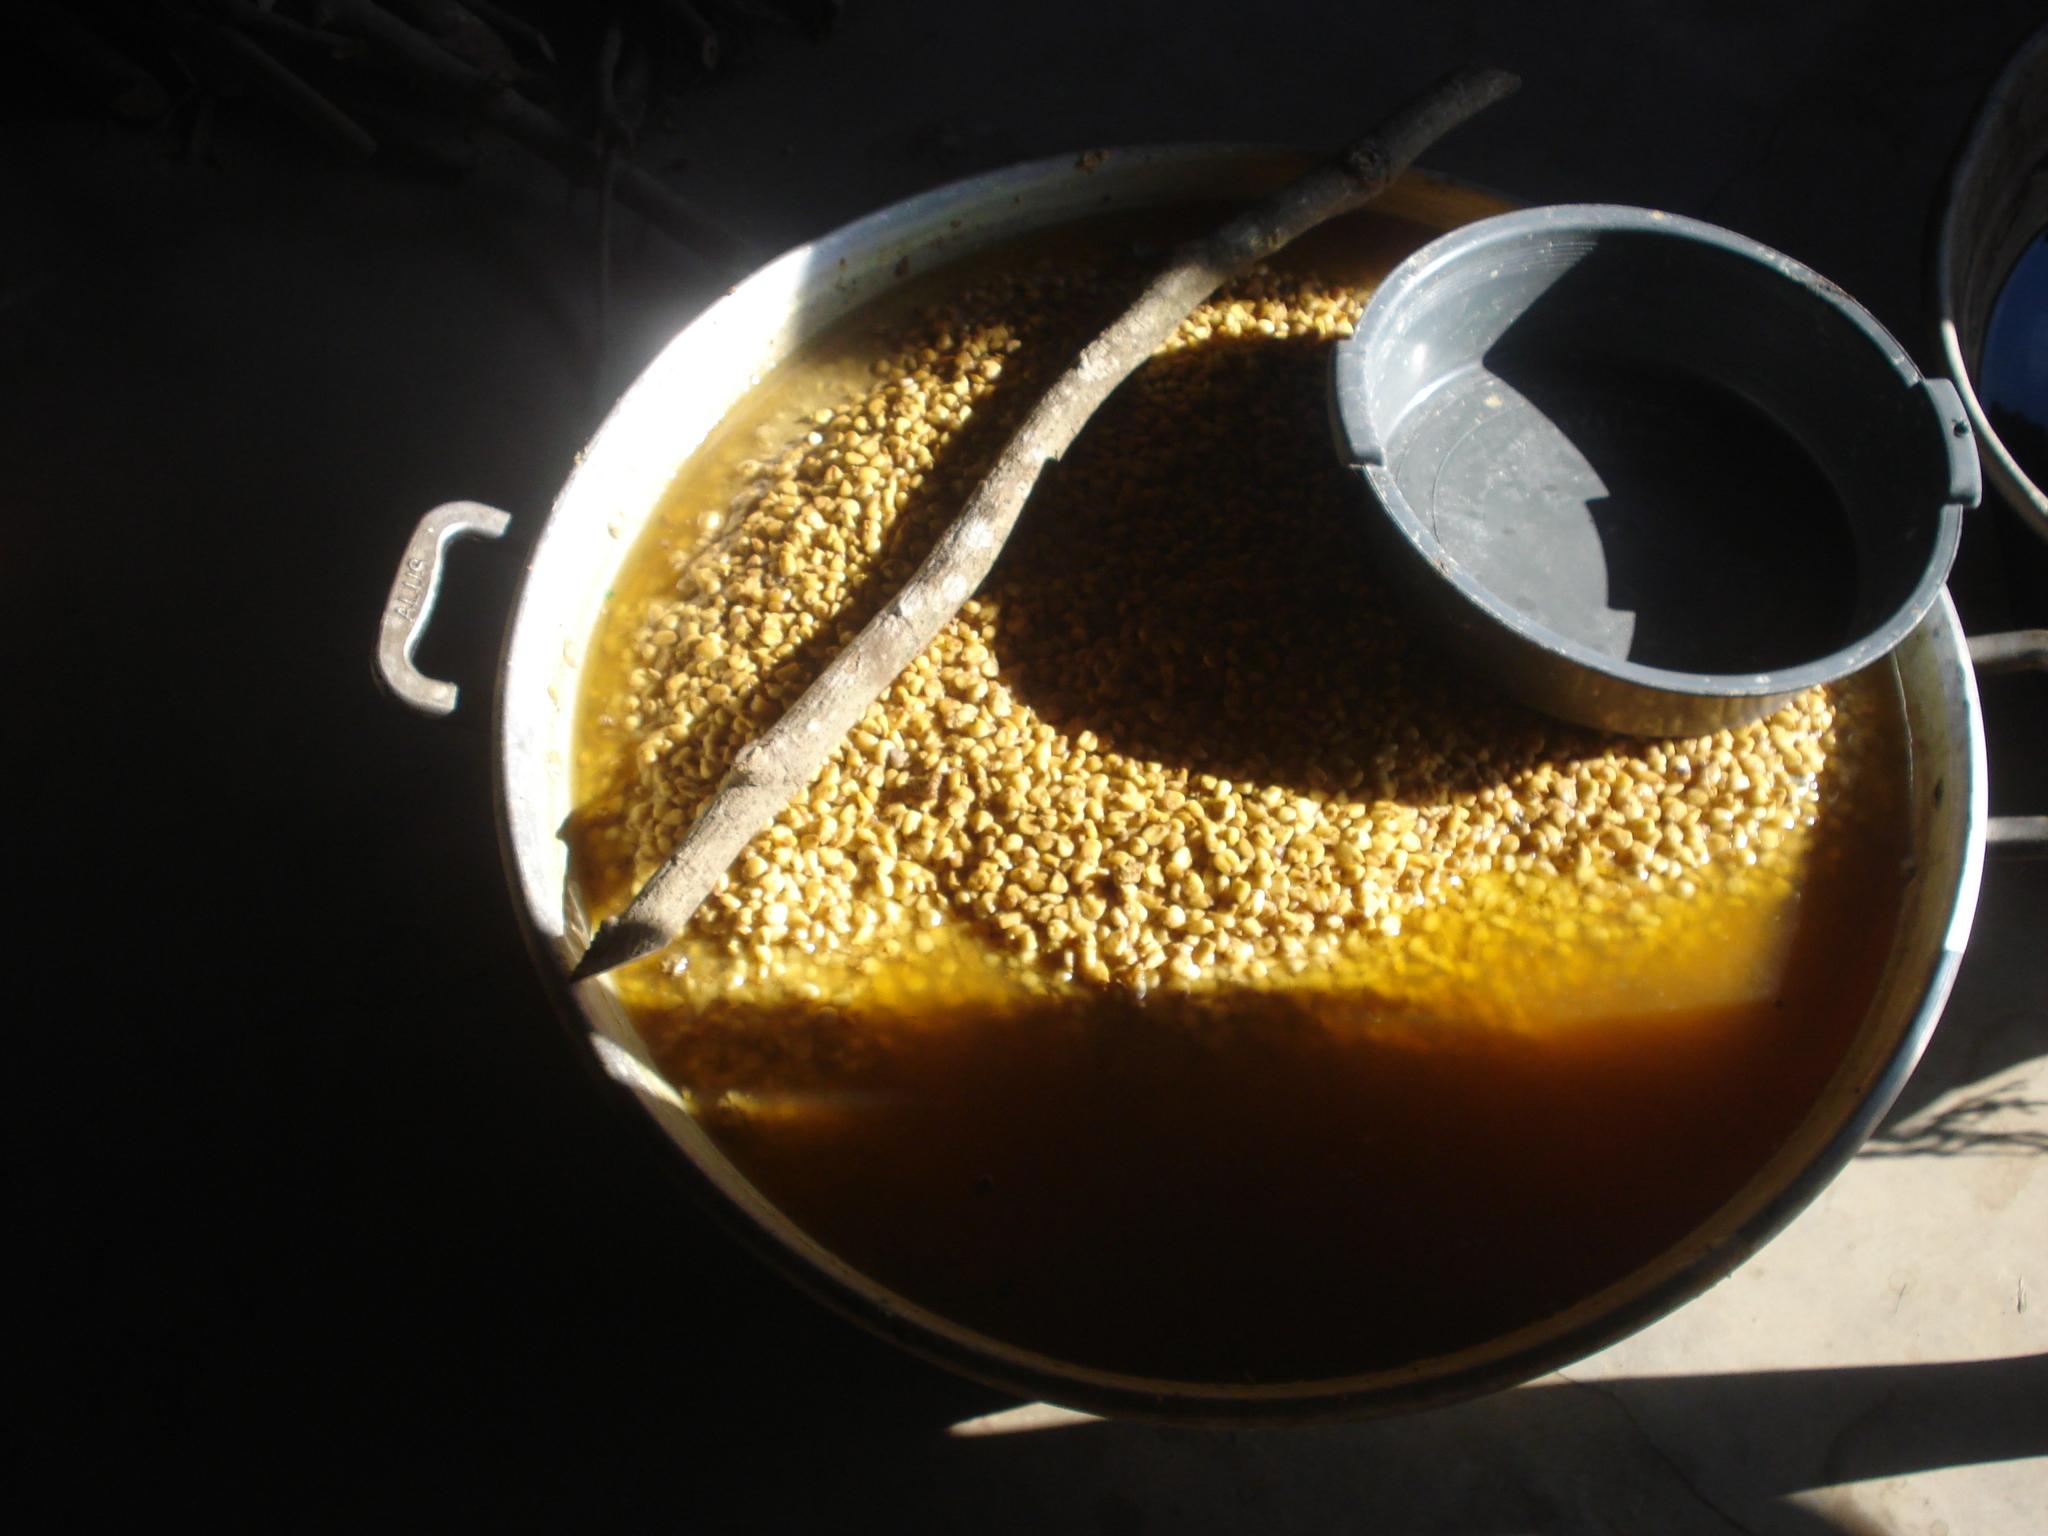 siembra del maiz